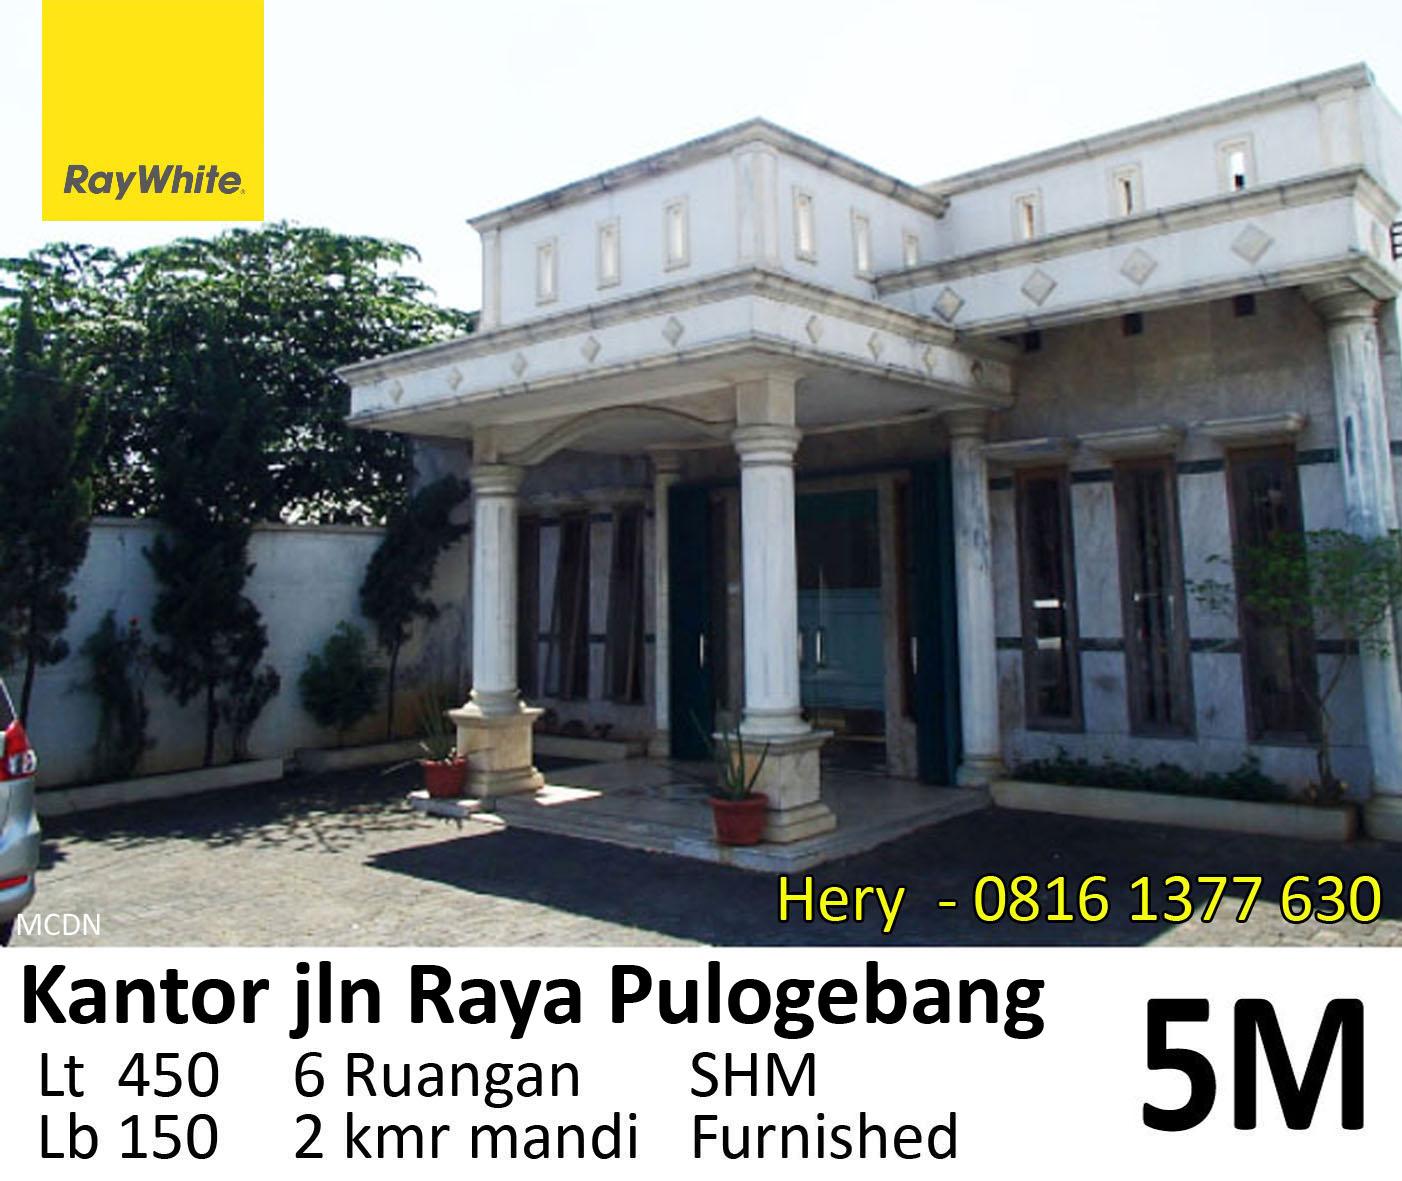 Dijual Rumah Kantor jalan Raya Pulogebang, Jakarta Timur